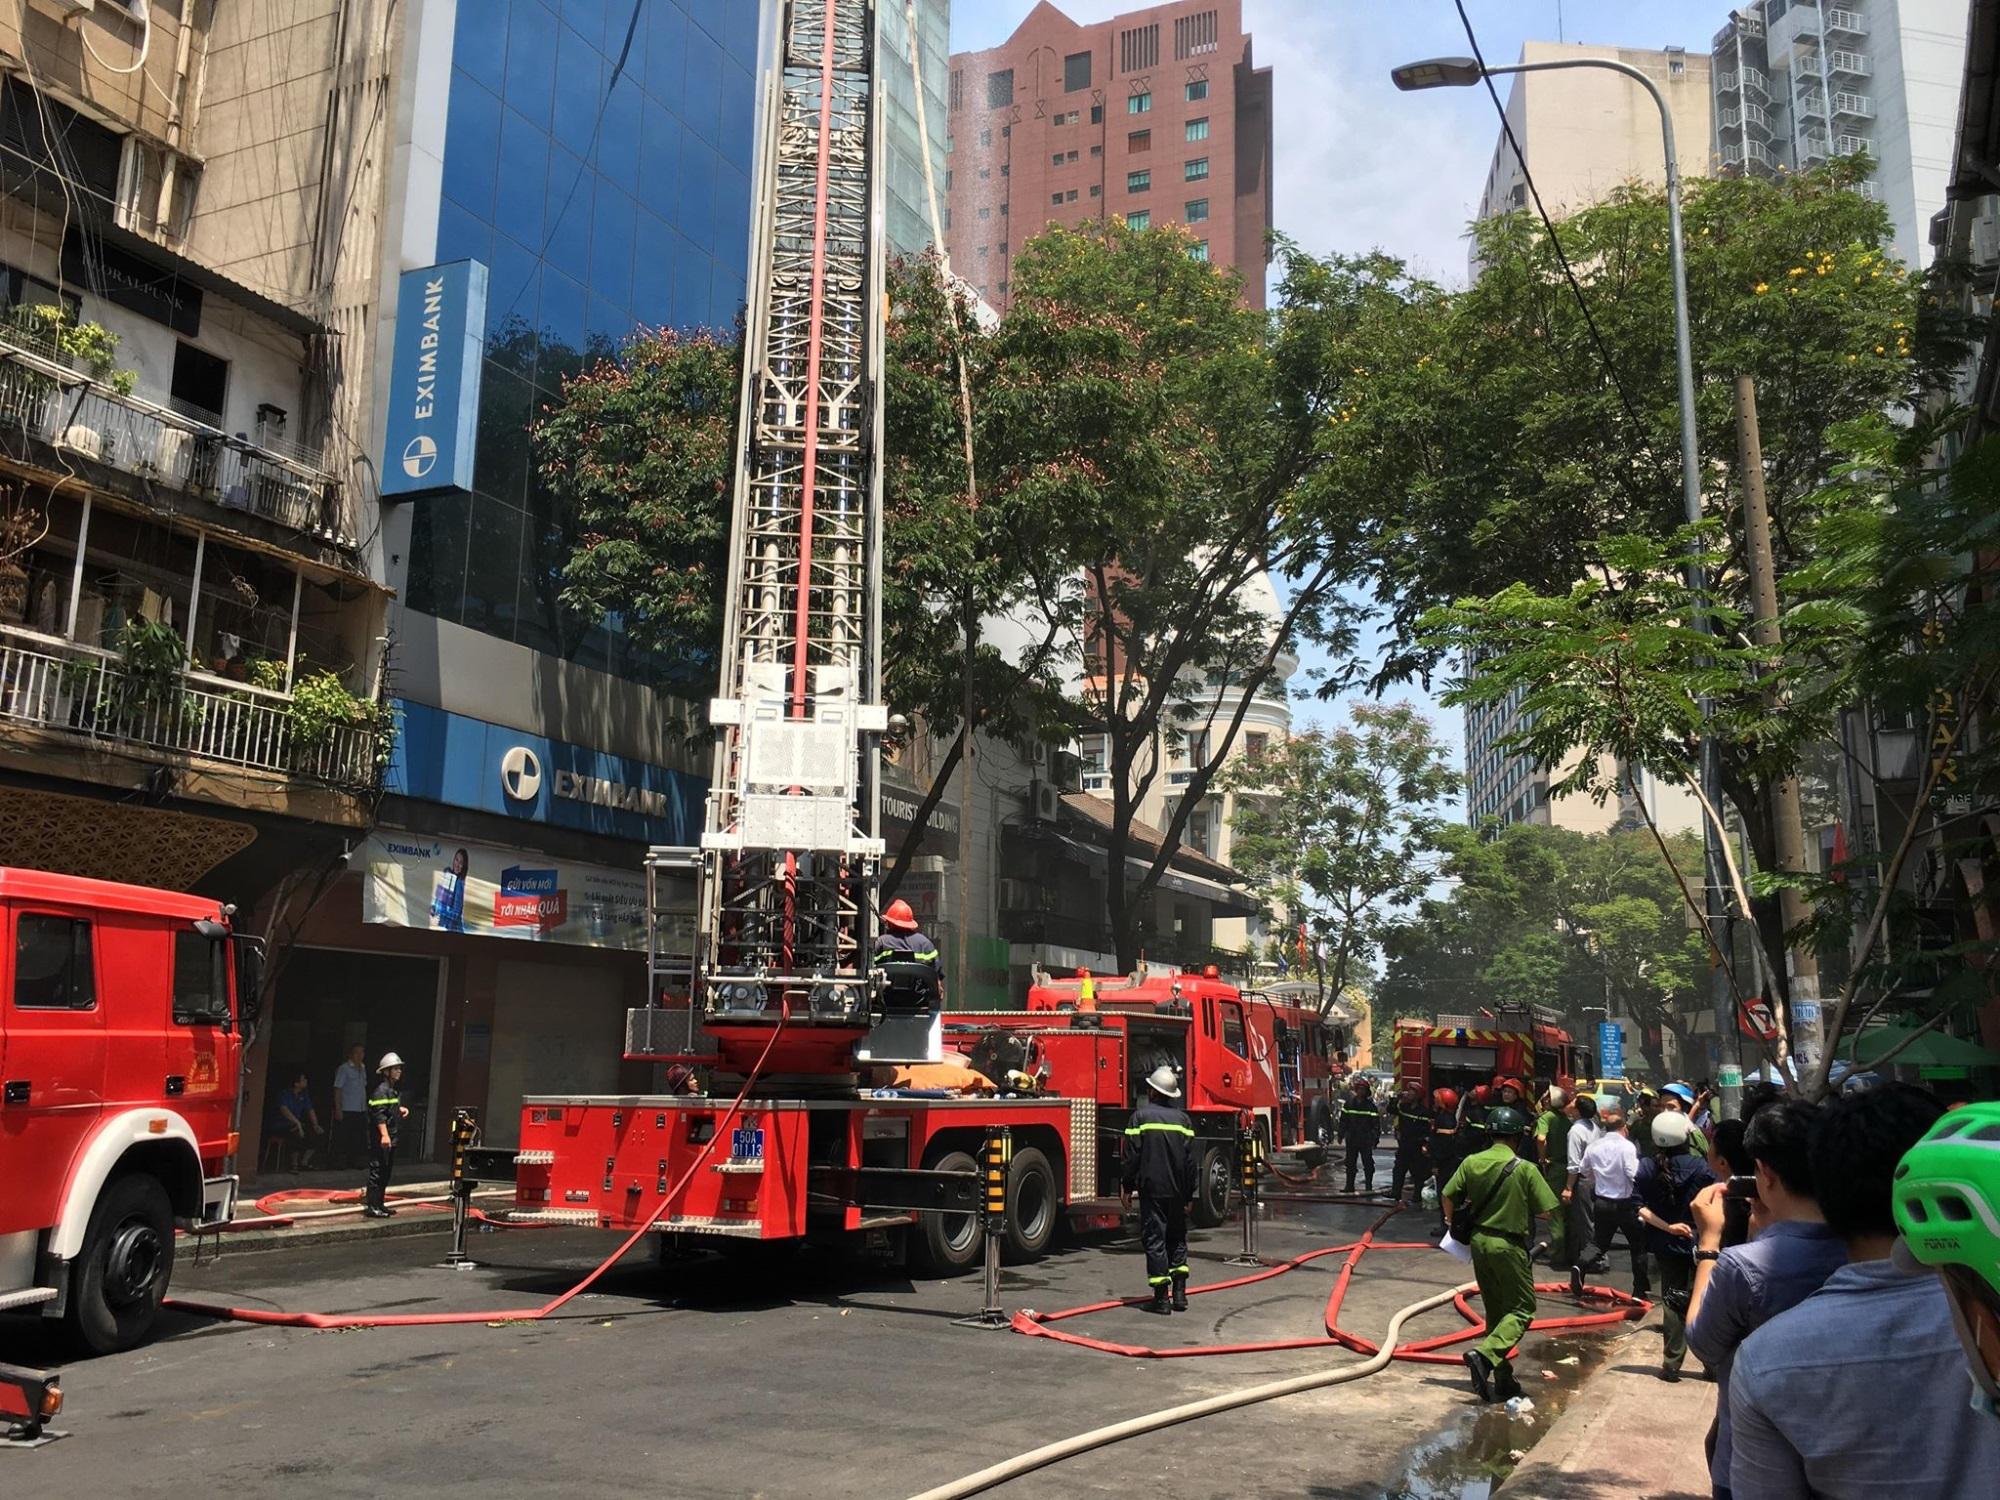 Cháy lớn ở nhà hàng gần phố đi bộ Nguyễn Huệ, nhiều người hoảng loạn tháo chạy - Ảnh 3